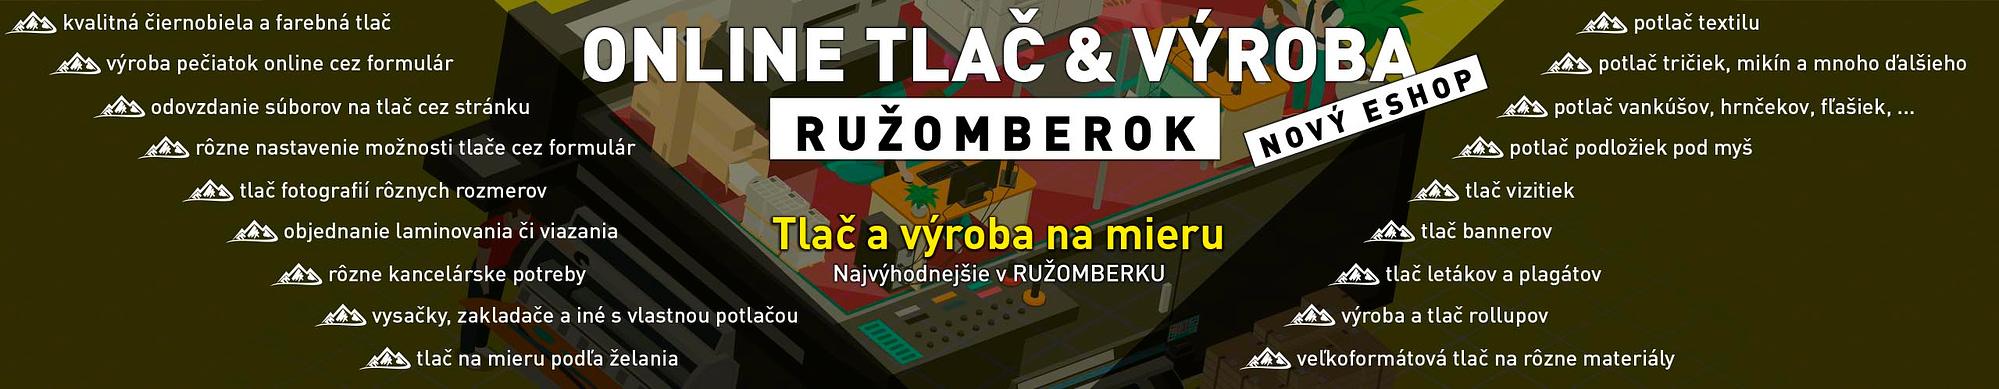 Online tlač dokumentov, tlač reklamných premetov, reklamná tlač, eshop Ružomberok, FatraMedia Ružomberok reklamná agentúra